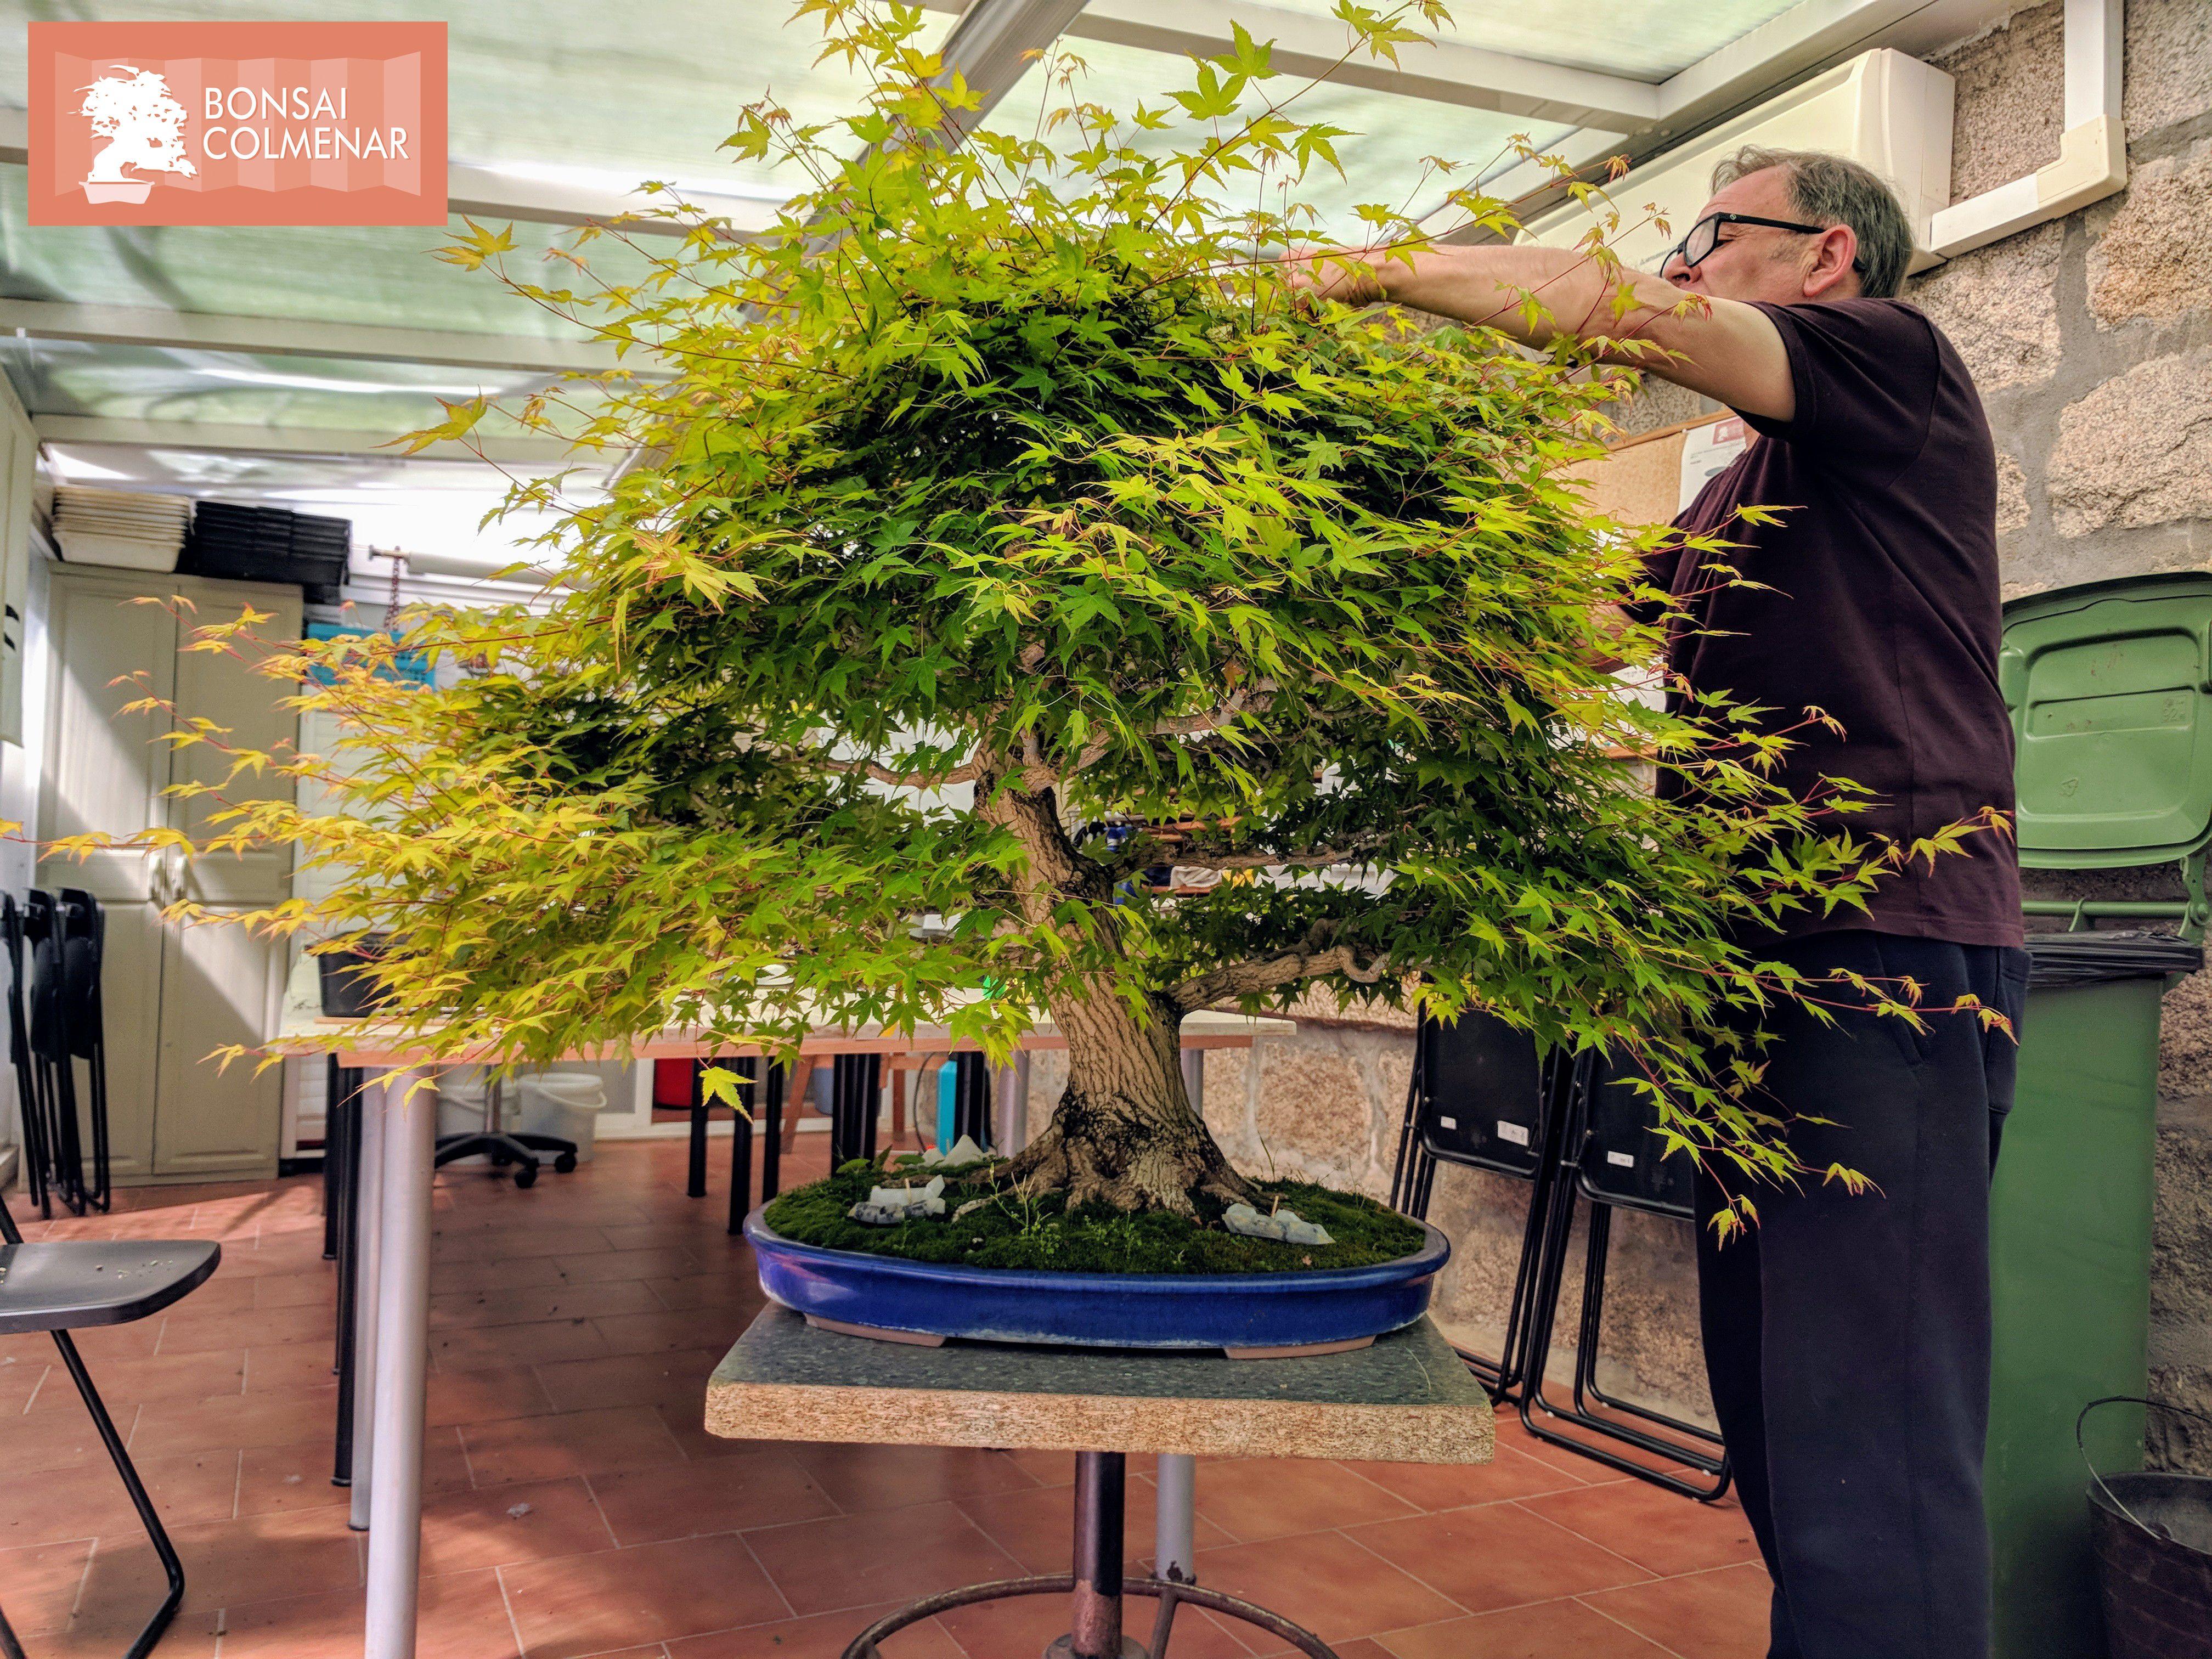 Aprende Bonsai Con Nosotros Cursos Y Talleres Todo El Año Bonsai Colmenar Desde 1999 Tienda Y Escuela De Bonsai Bonsai árboles Bonsai Jardín De Bonsáis